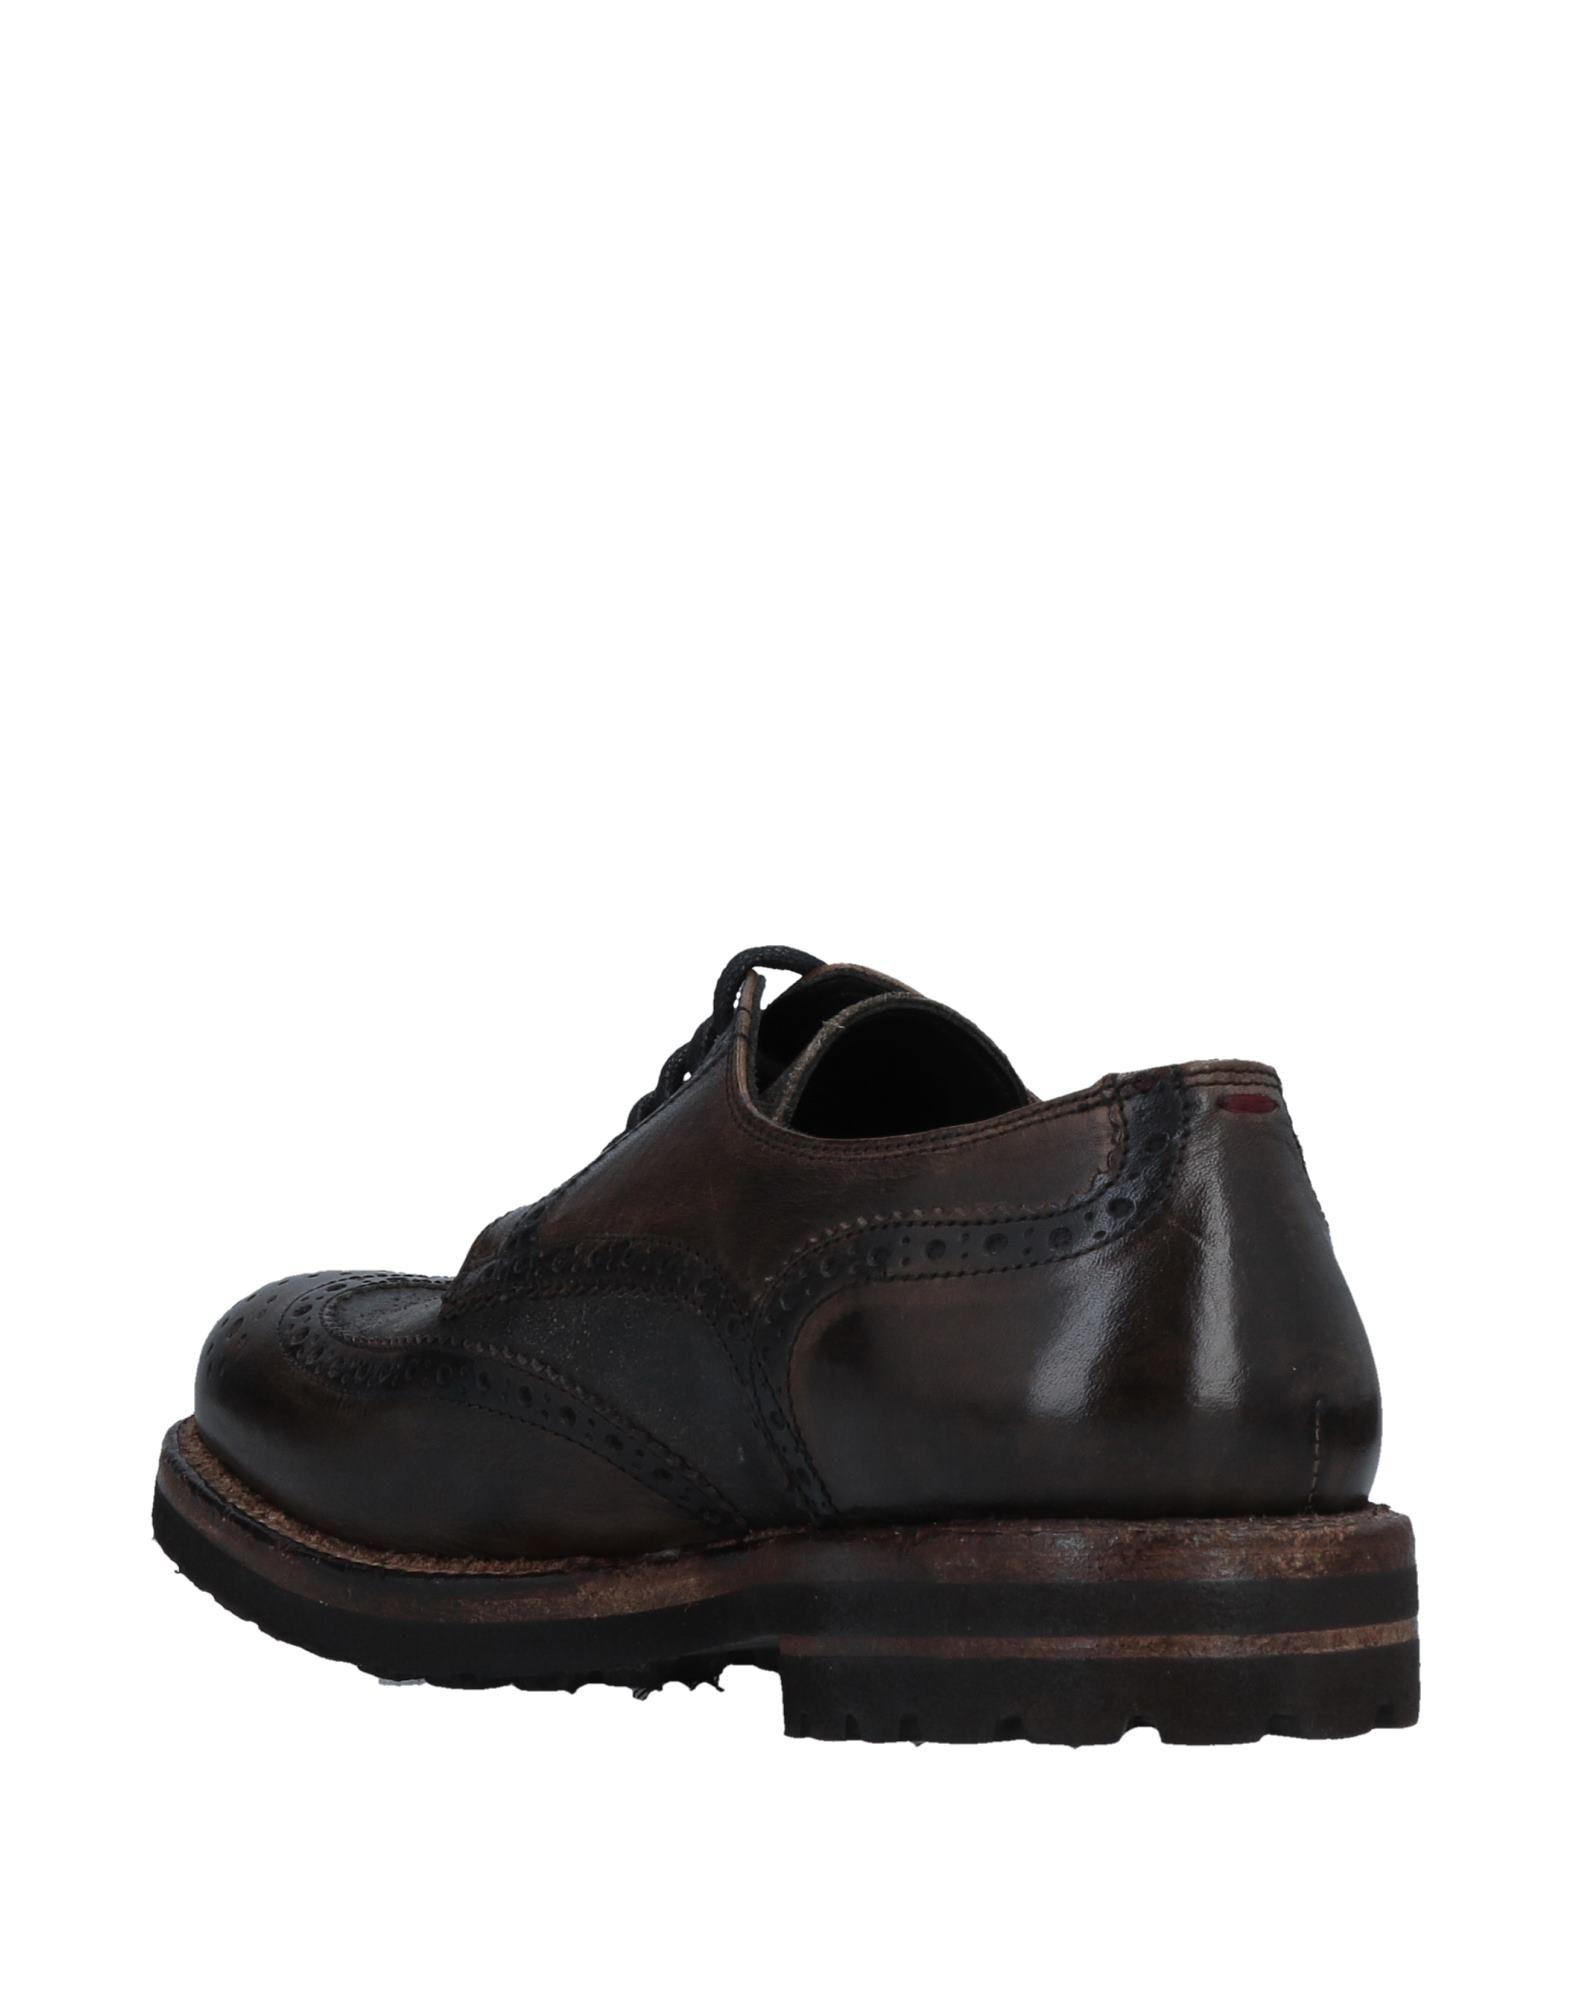 Rabatt echte Schuhe Cavallini Schnürschuhe Herren  11506990KM